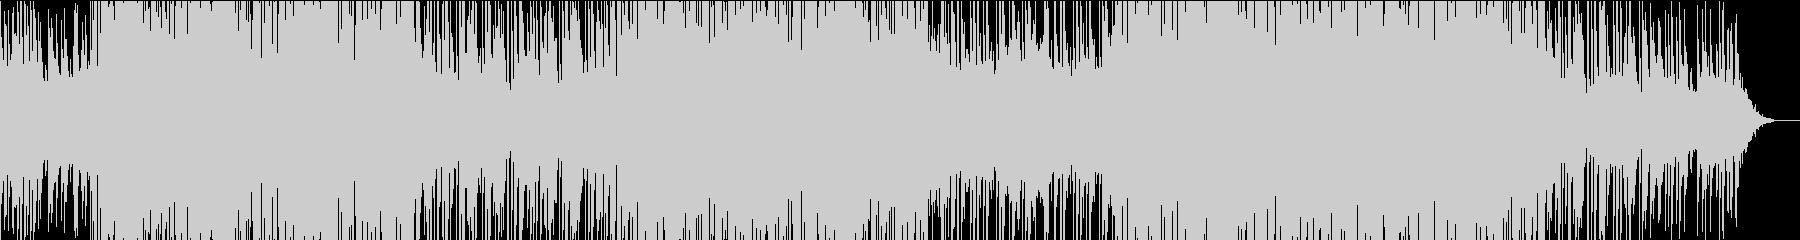 感情的メロディのエレクトロポップトラックの未再生の波形